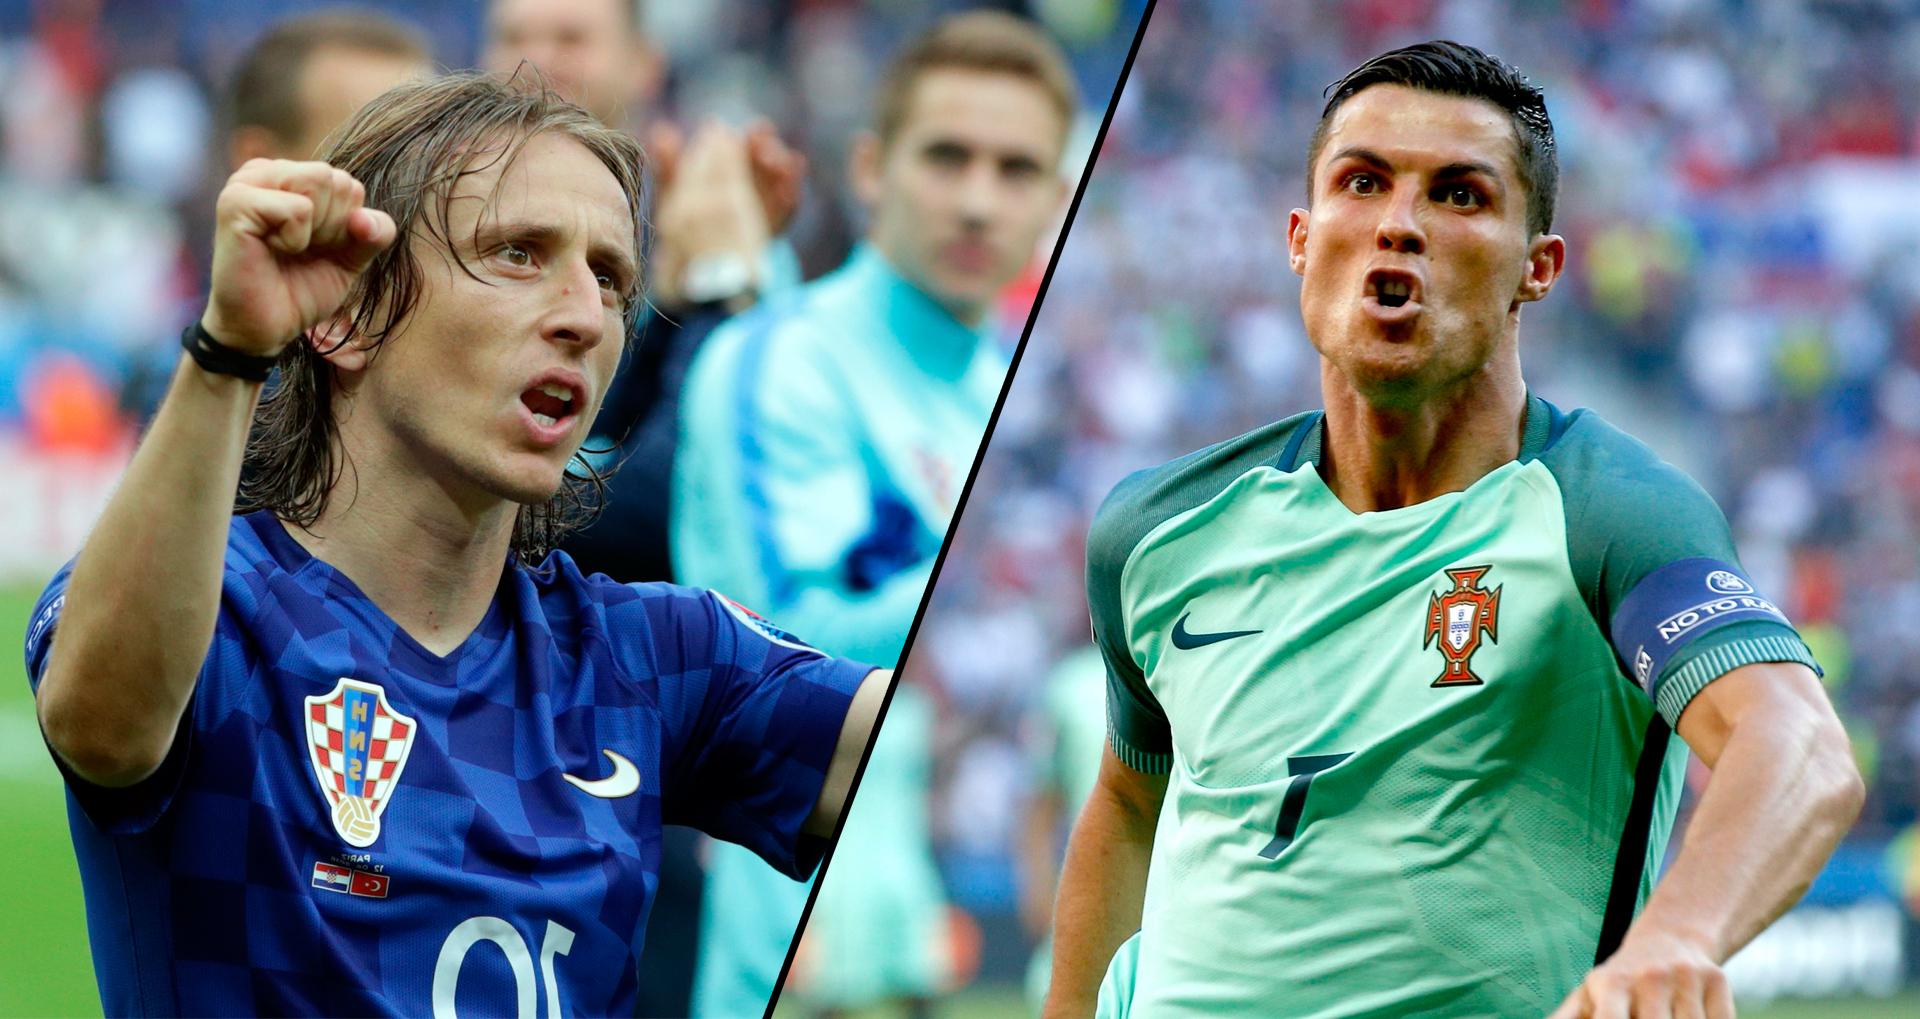 UŽIVO: DRAMA U LENSU Portugal zabio nakon odlične prilike Hrvatske!